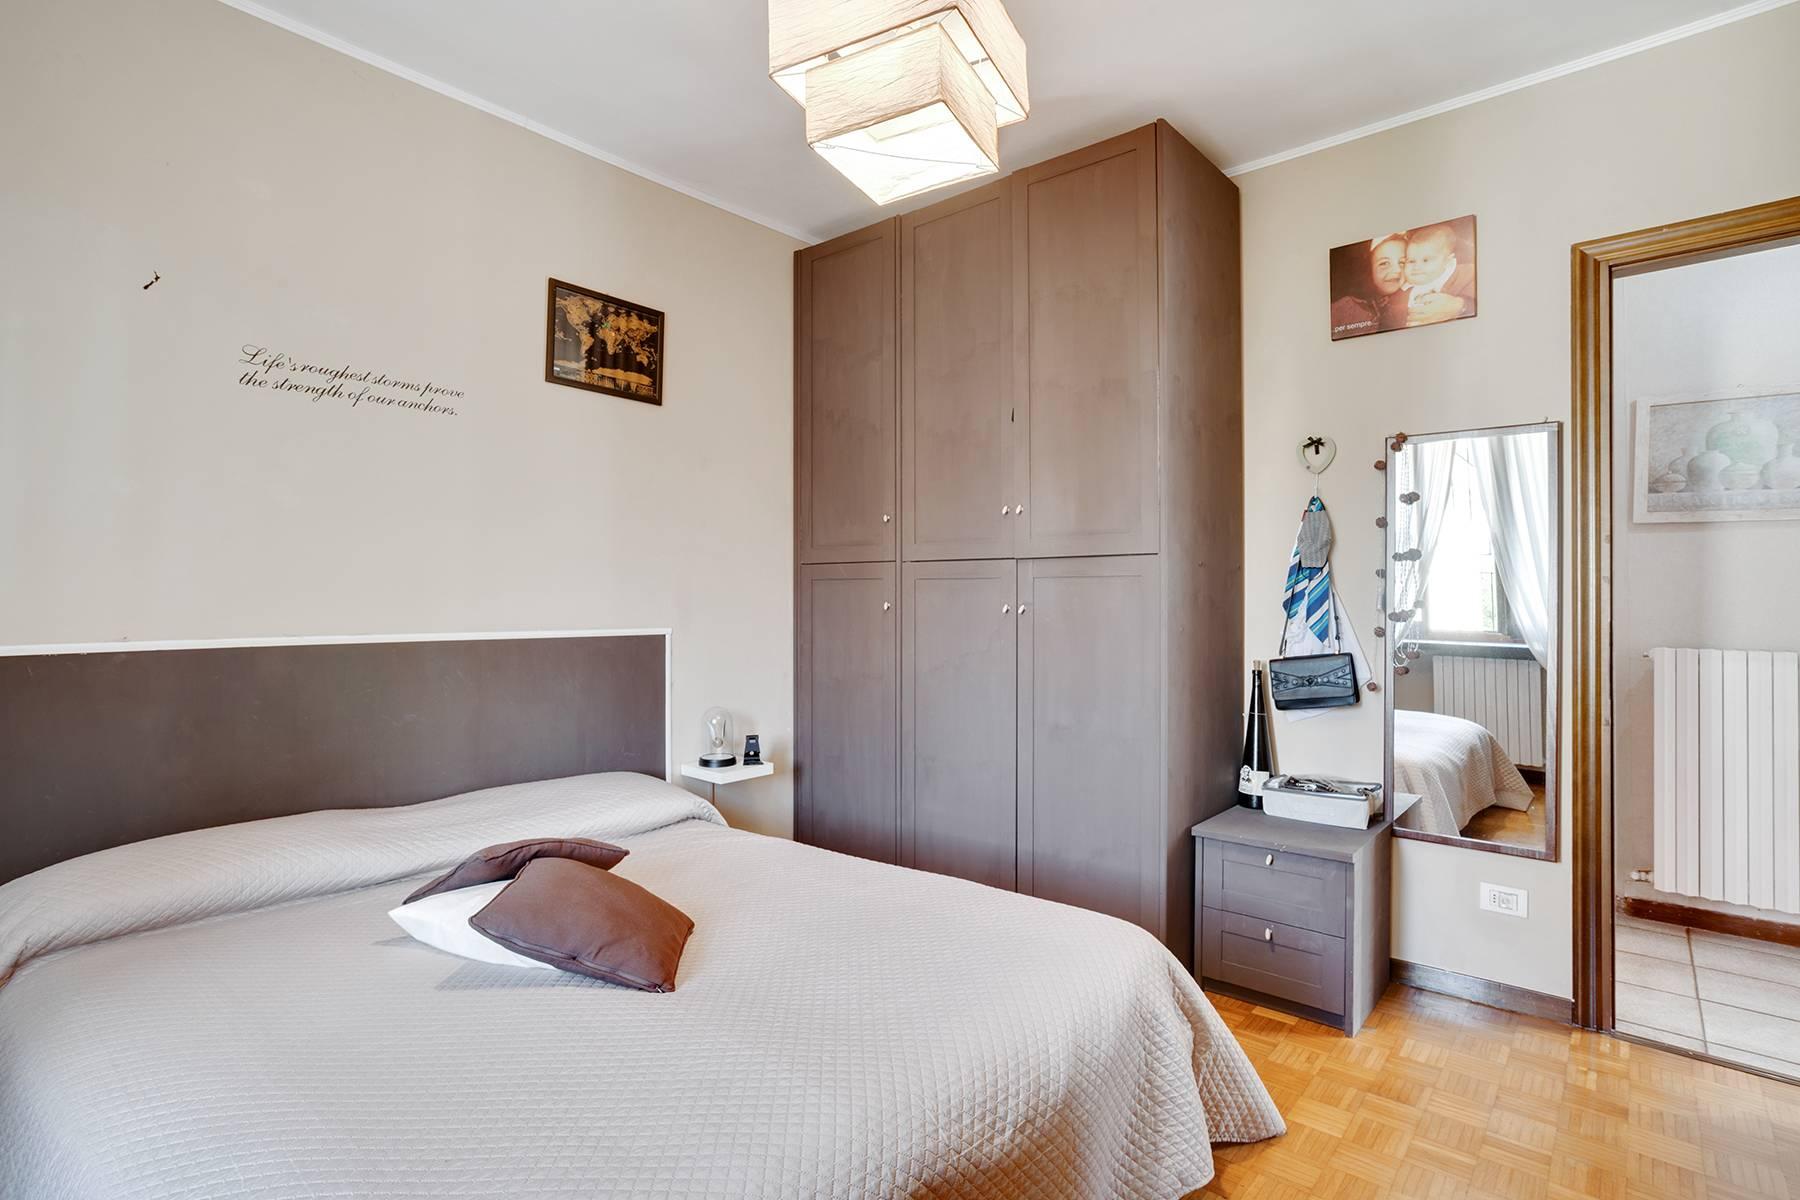 Villa in Vendita a Arona: 5 locali, 246 mq - Foto 8